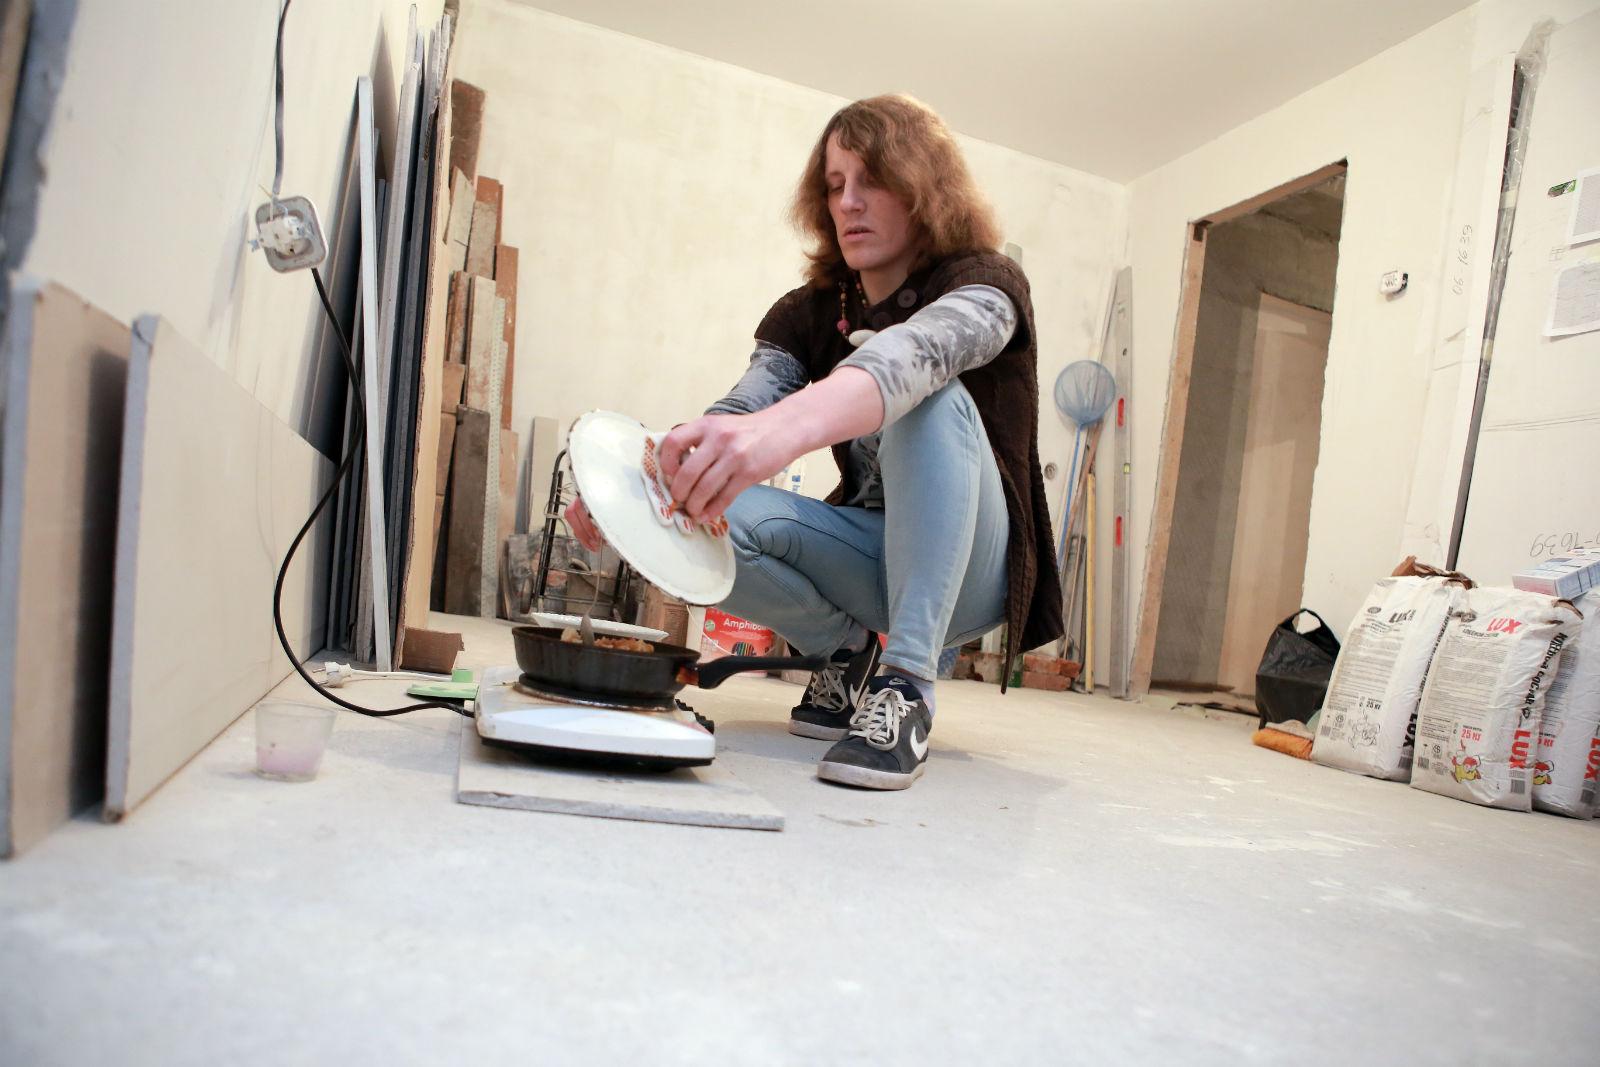 Alina se prépare à manger sur des plaques électriques d'appoint. Elle dort sur un vieux matelas à même le sol et lave son linge dans une poubelle.